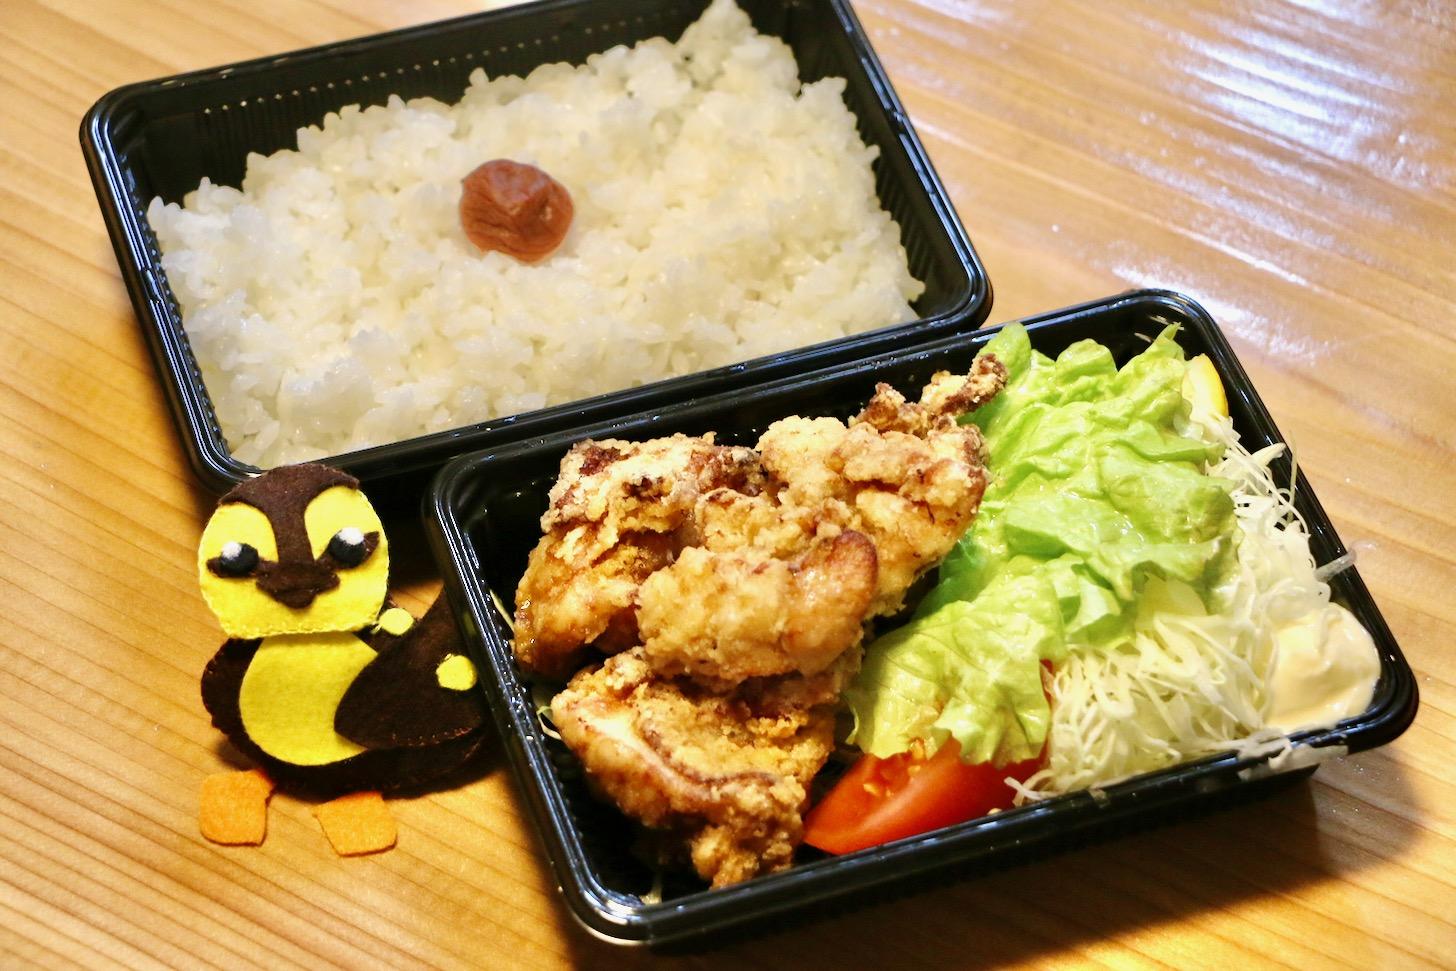 ボリューム満点の国産 若鶏唐揚げ弁当